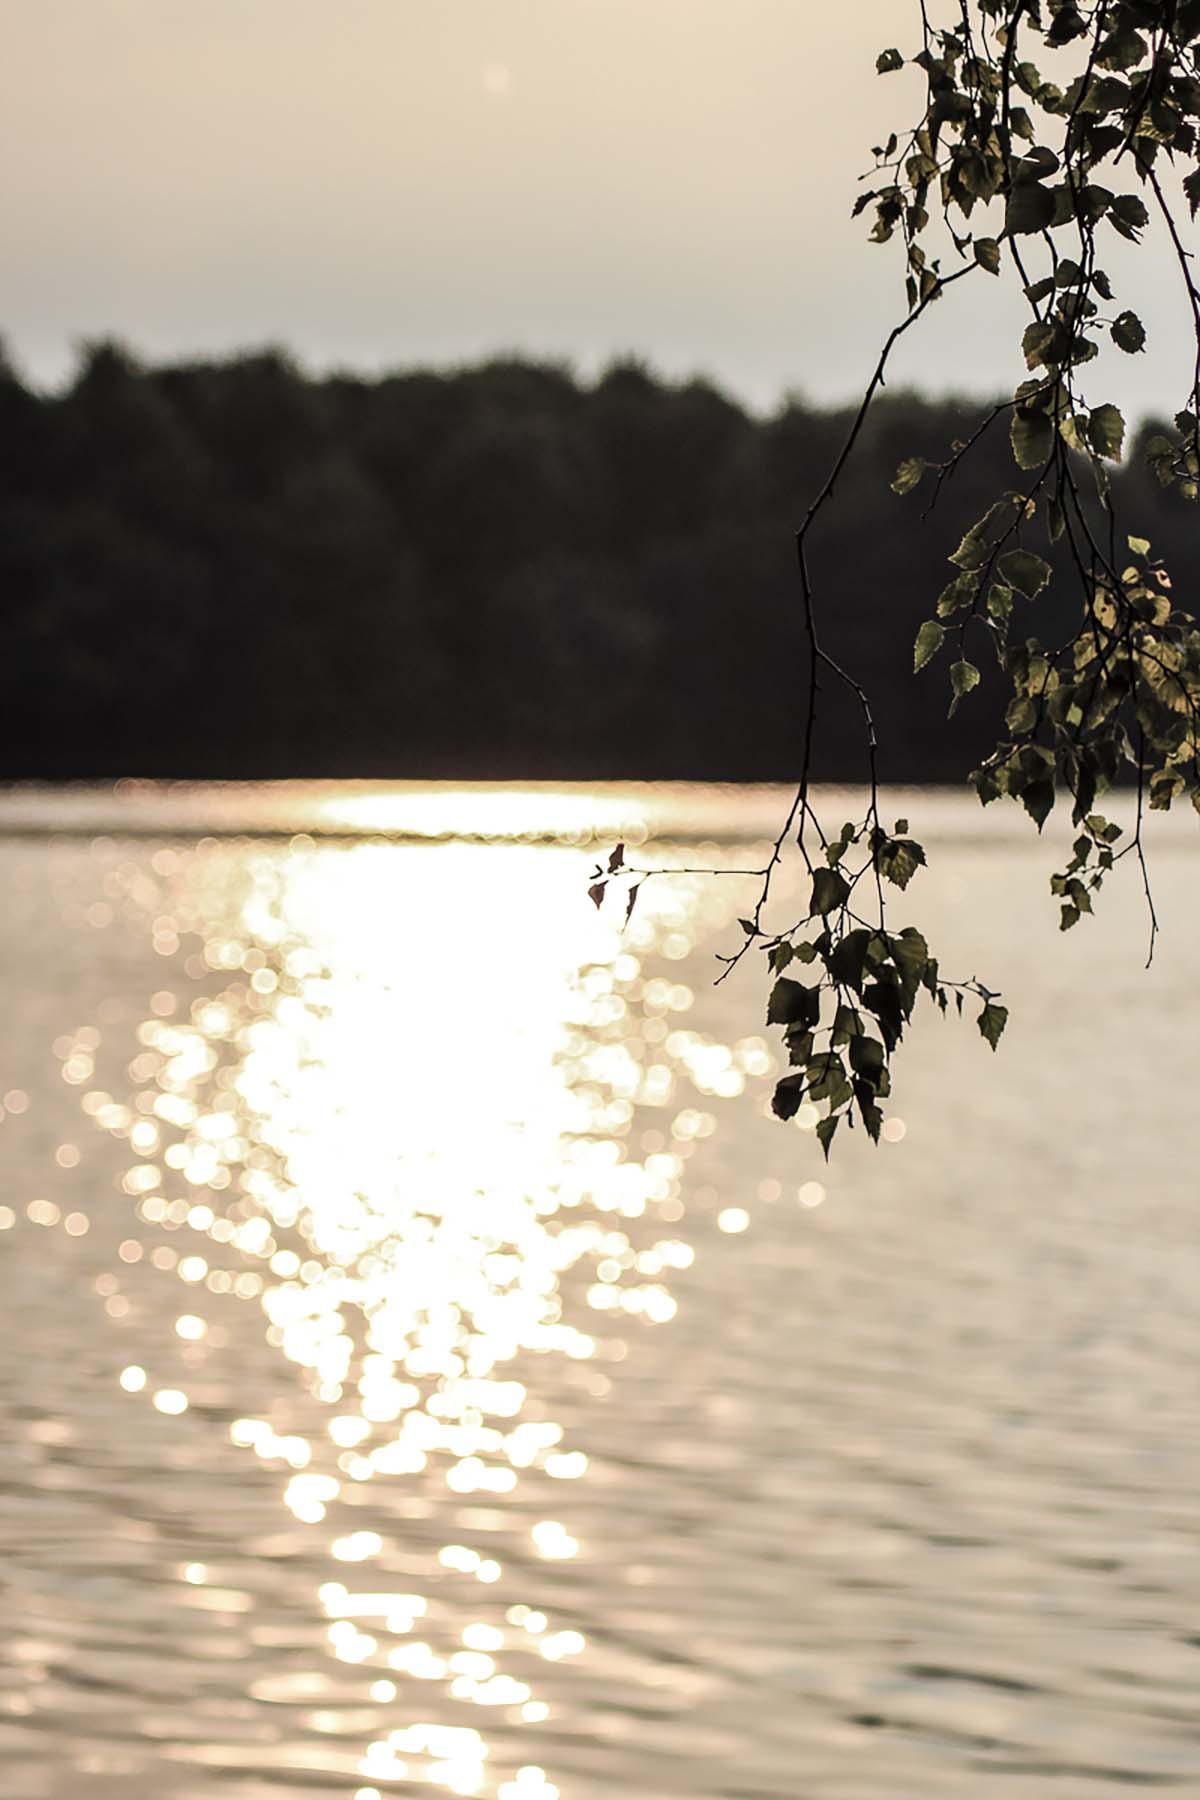 twelveft ausgabe17 christophmuehl 19 - Auf zu neuen Ufern - Teil 1